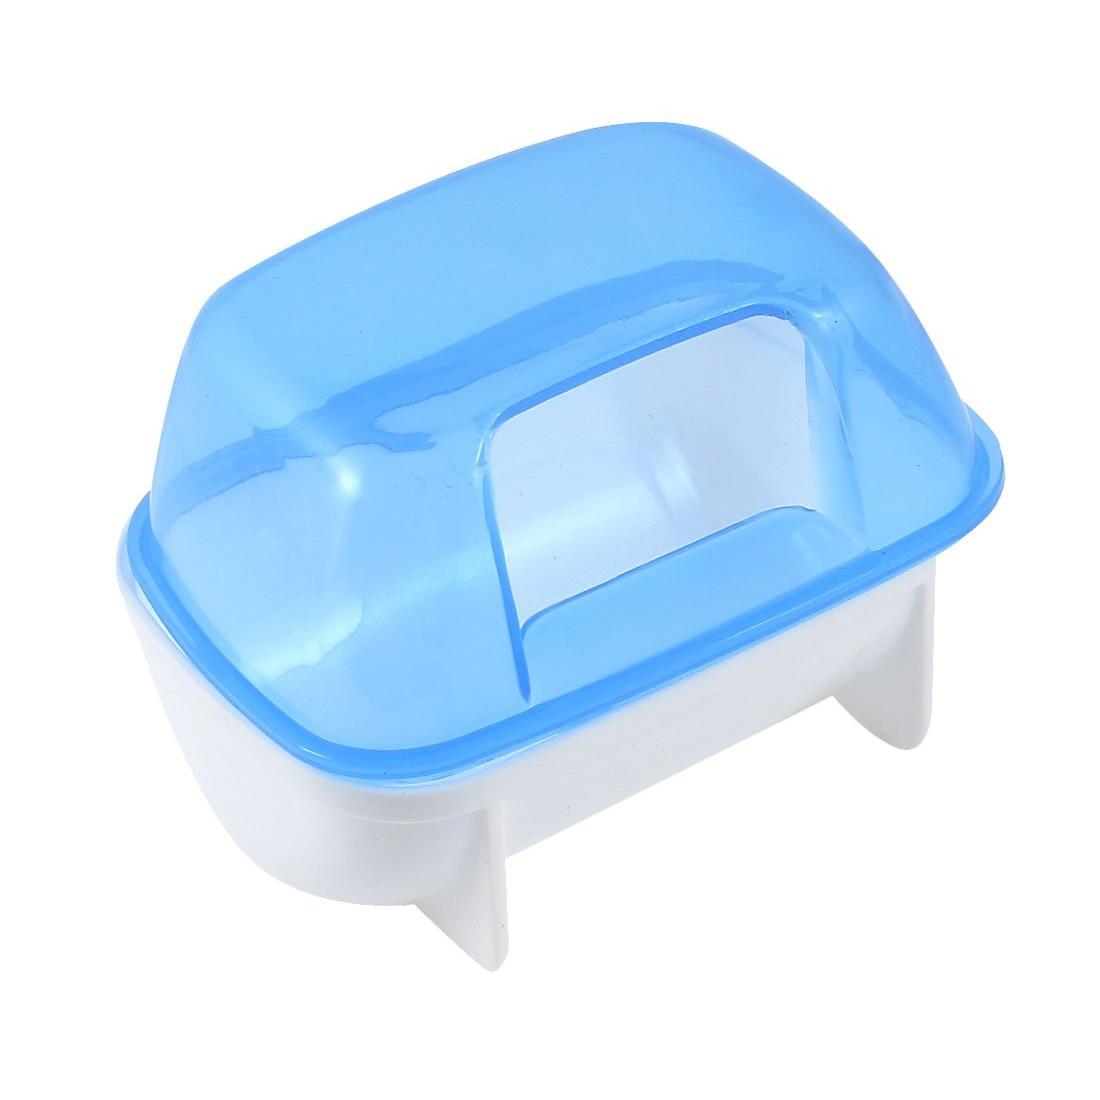 ПЭТ туалет для хомяка Ванна песок для сауны Туалет сине-белые 10 см x 7 см x 7 см